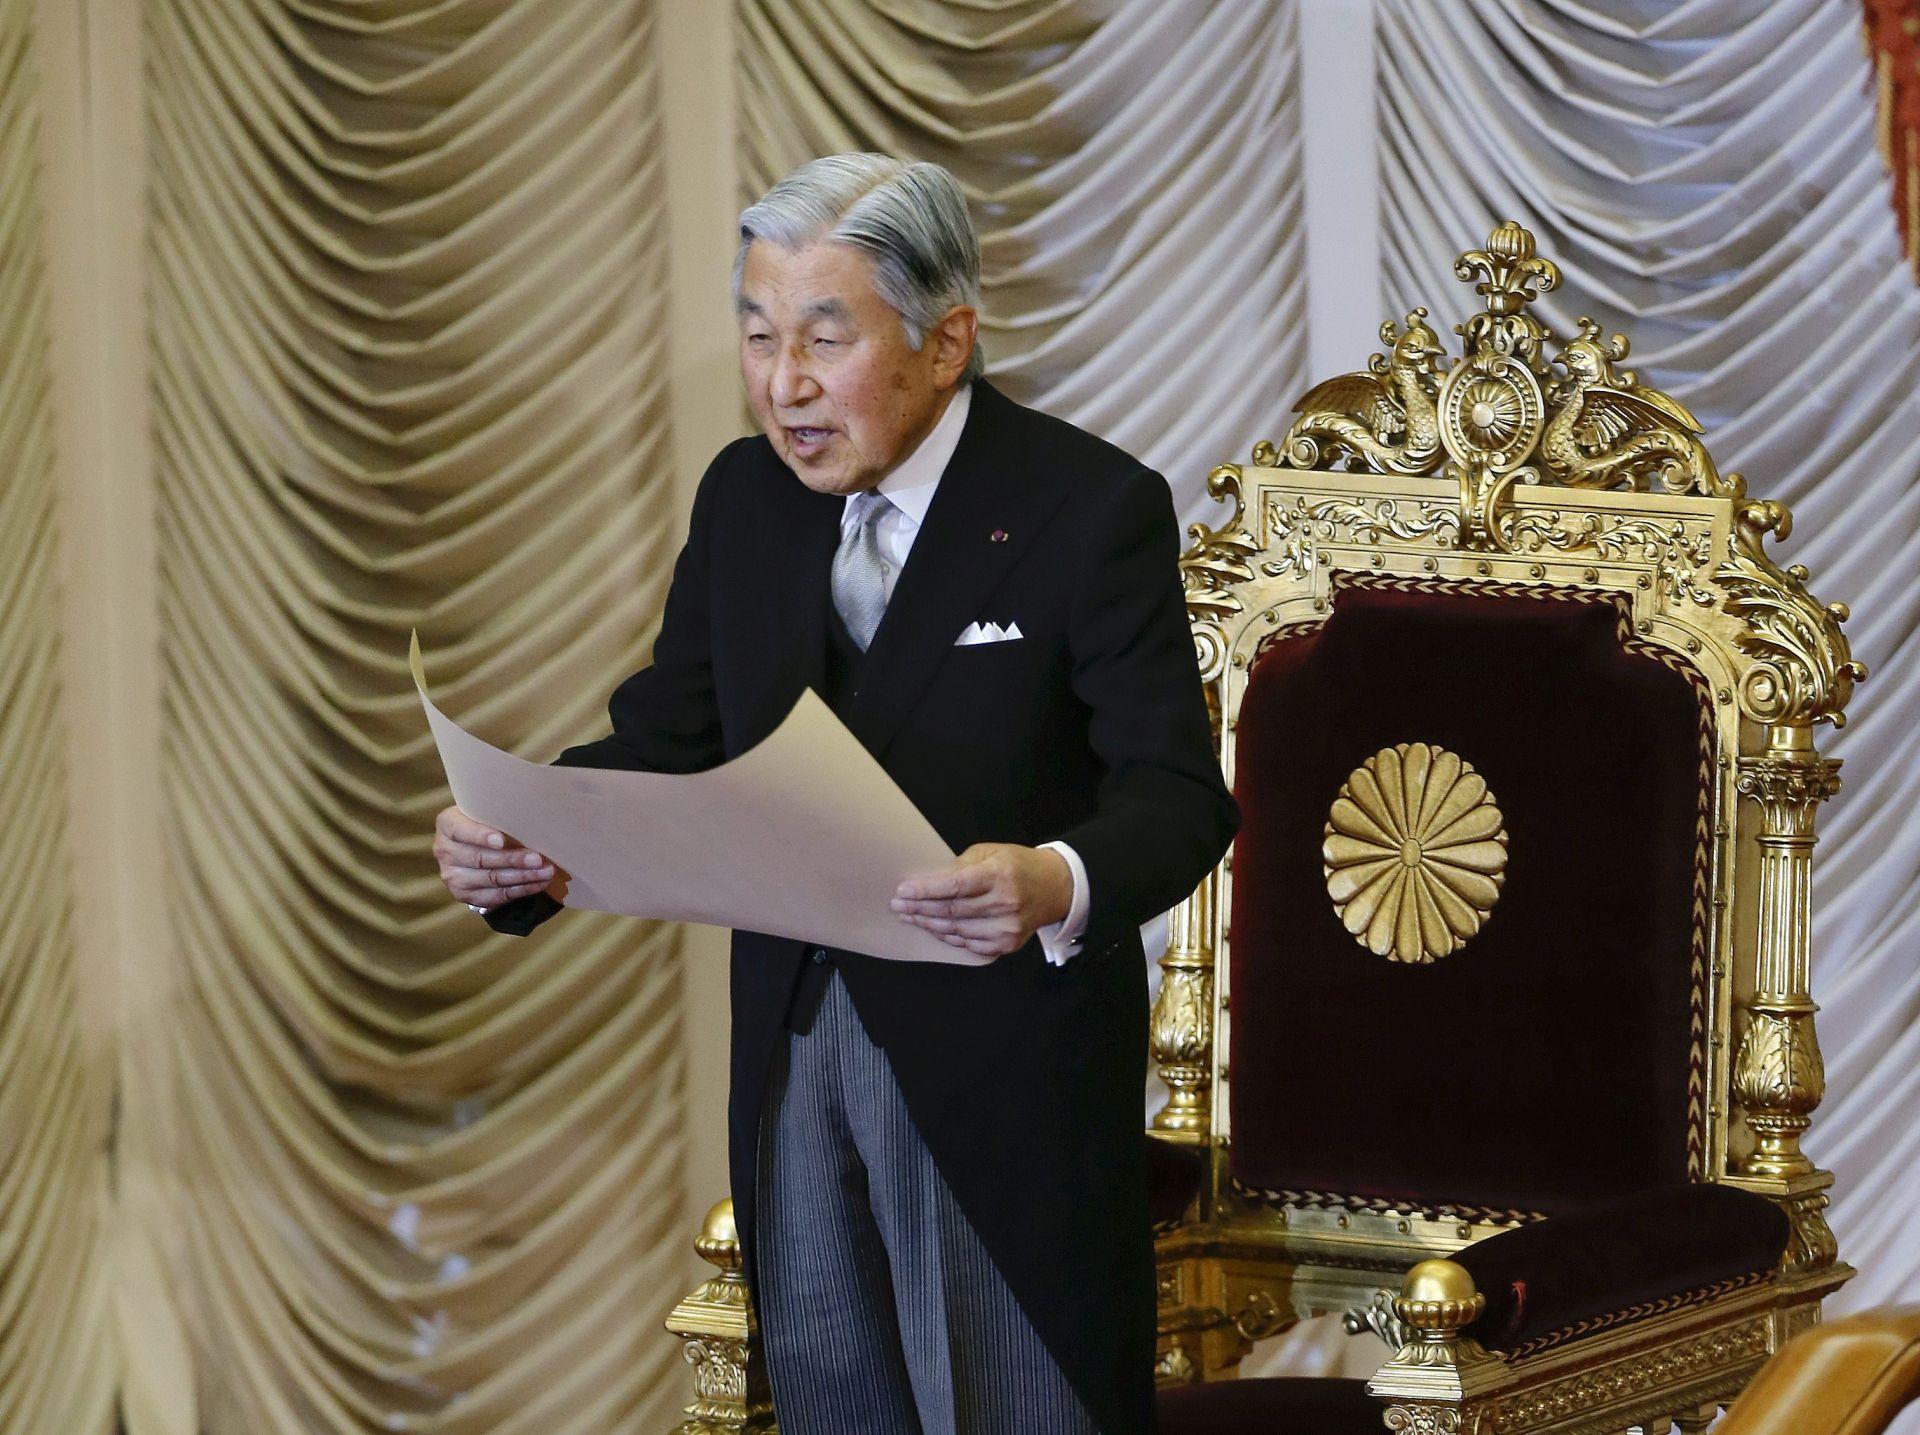 RIJETKA OBRAĆANJA: Japanski car obratit će se javnosti uslijed nagađanja o abdikaciji